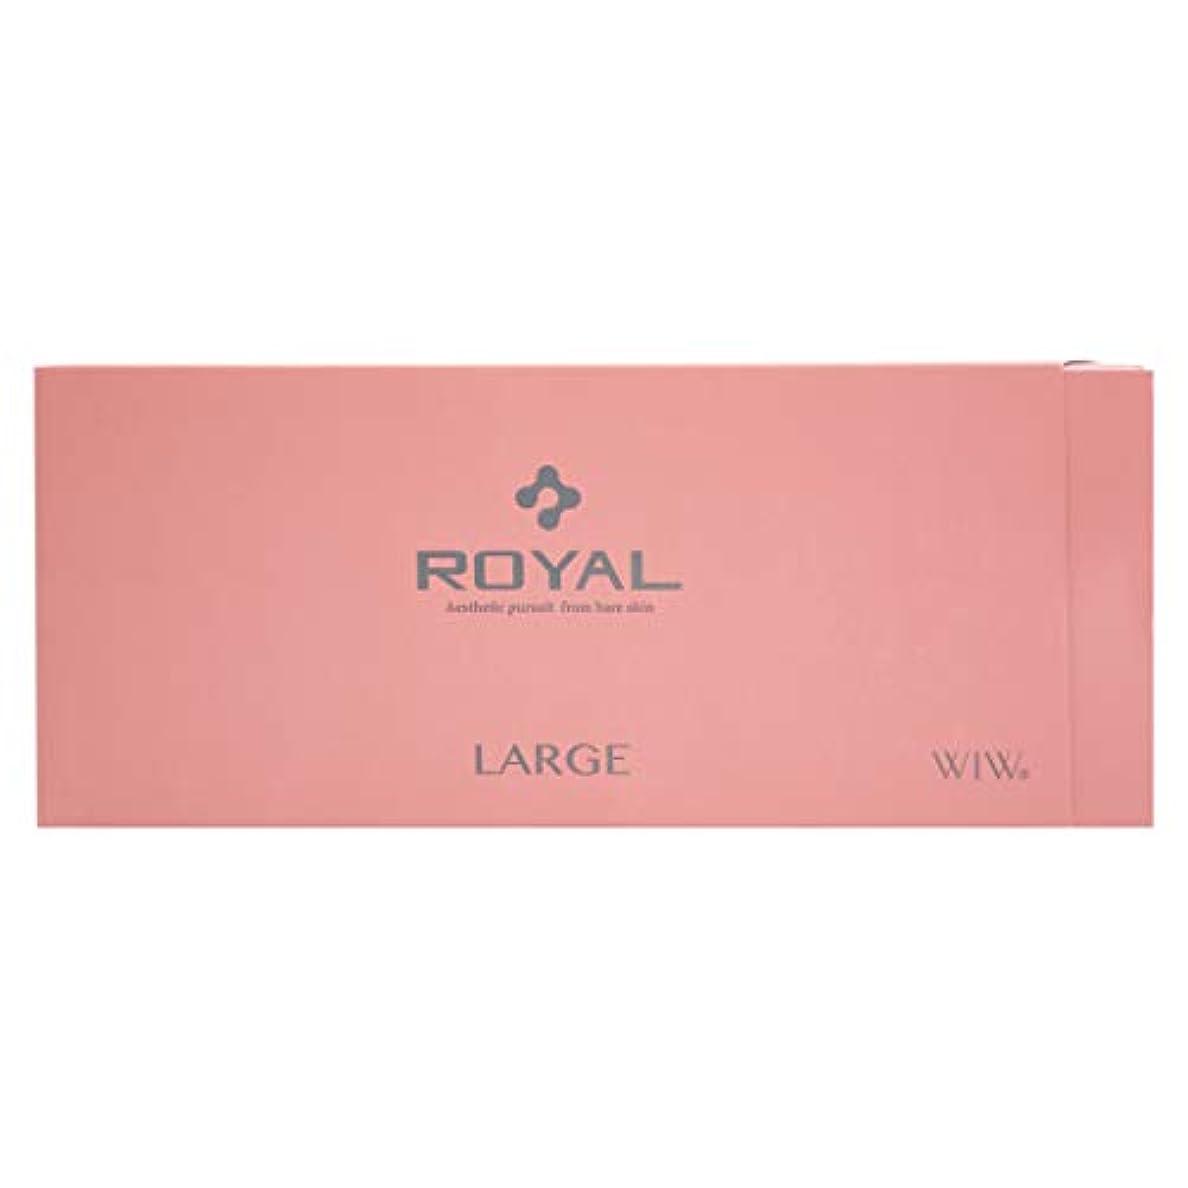 評議会独裁者コテージWIW ROYAL ロイアルラージ 1.3ml×90袋